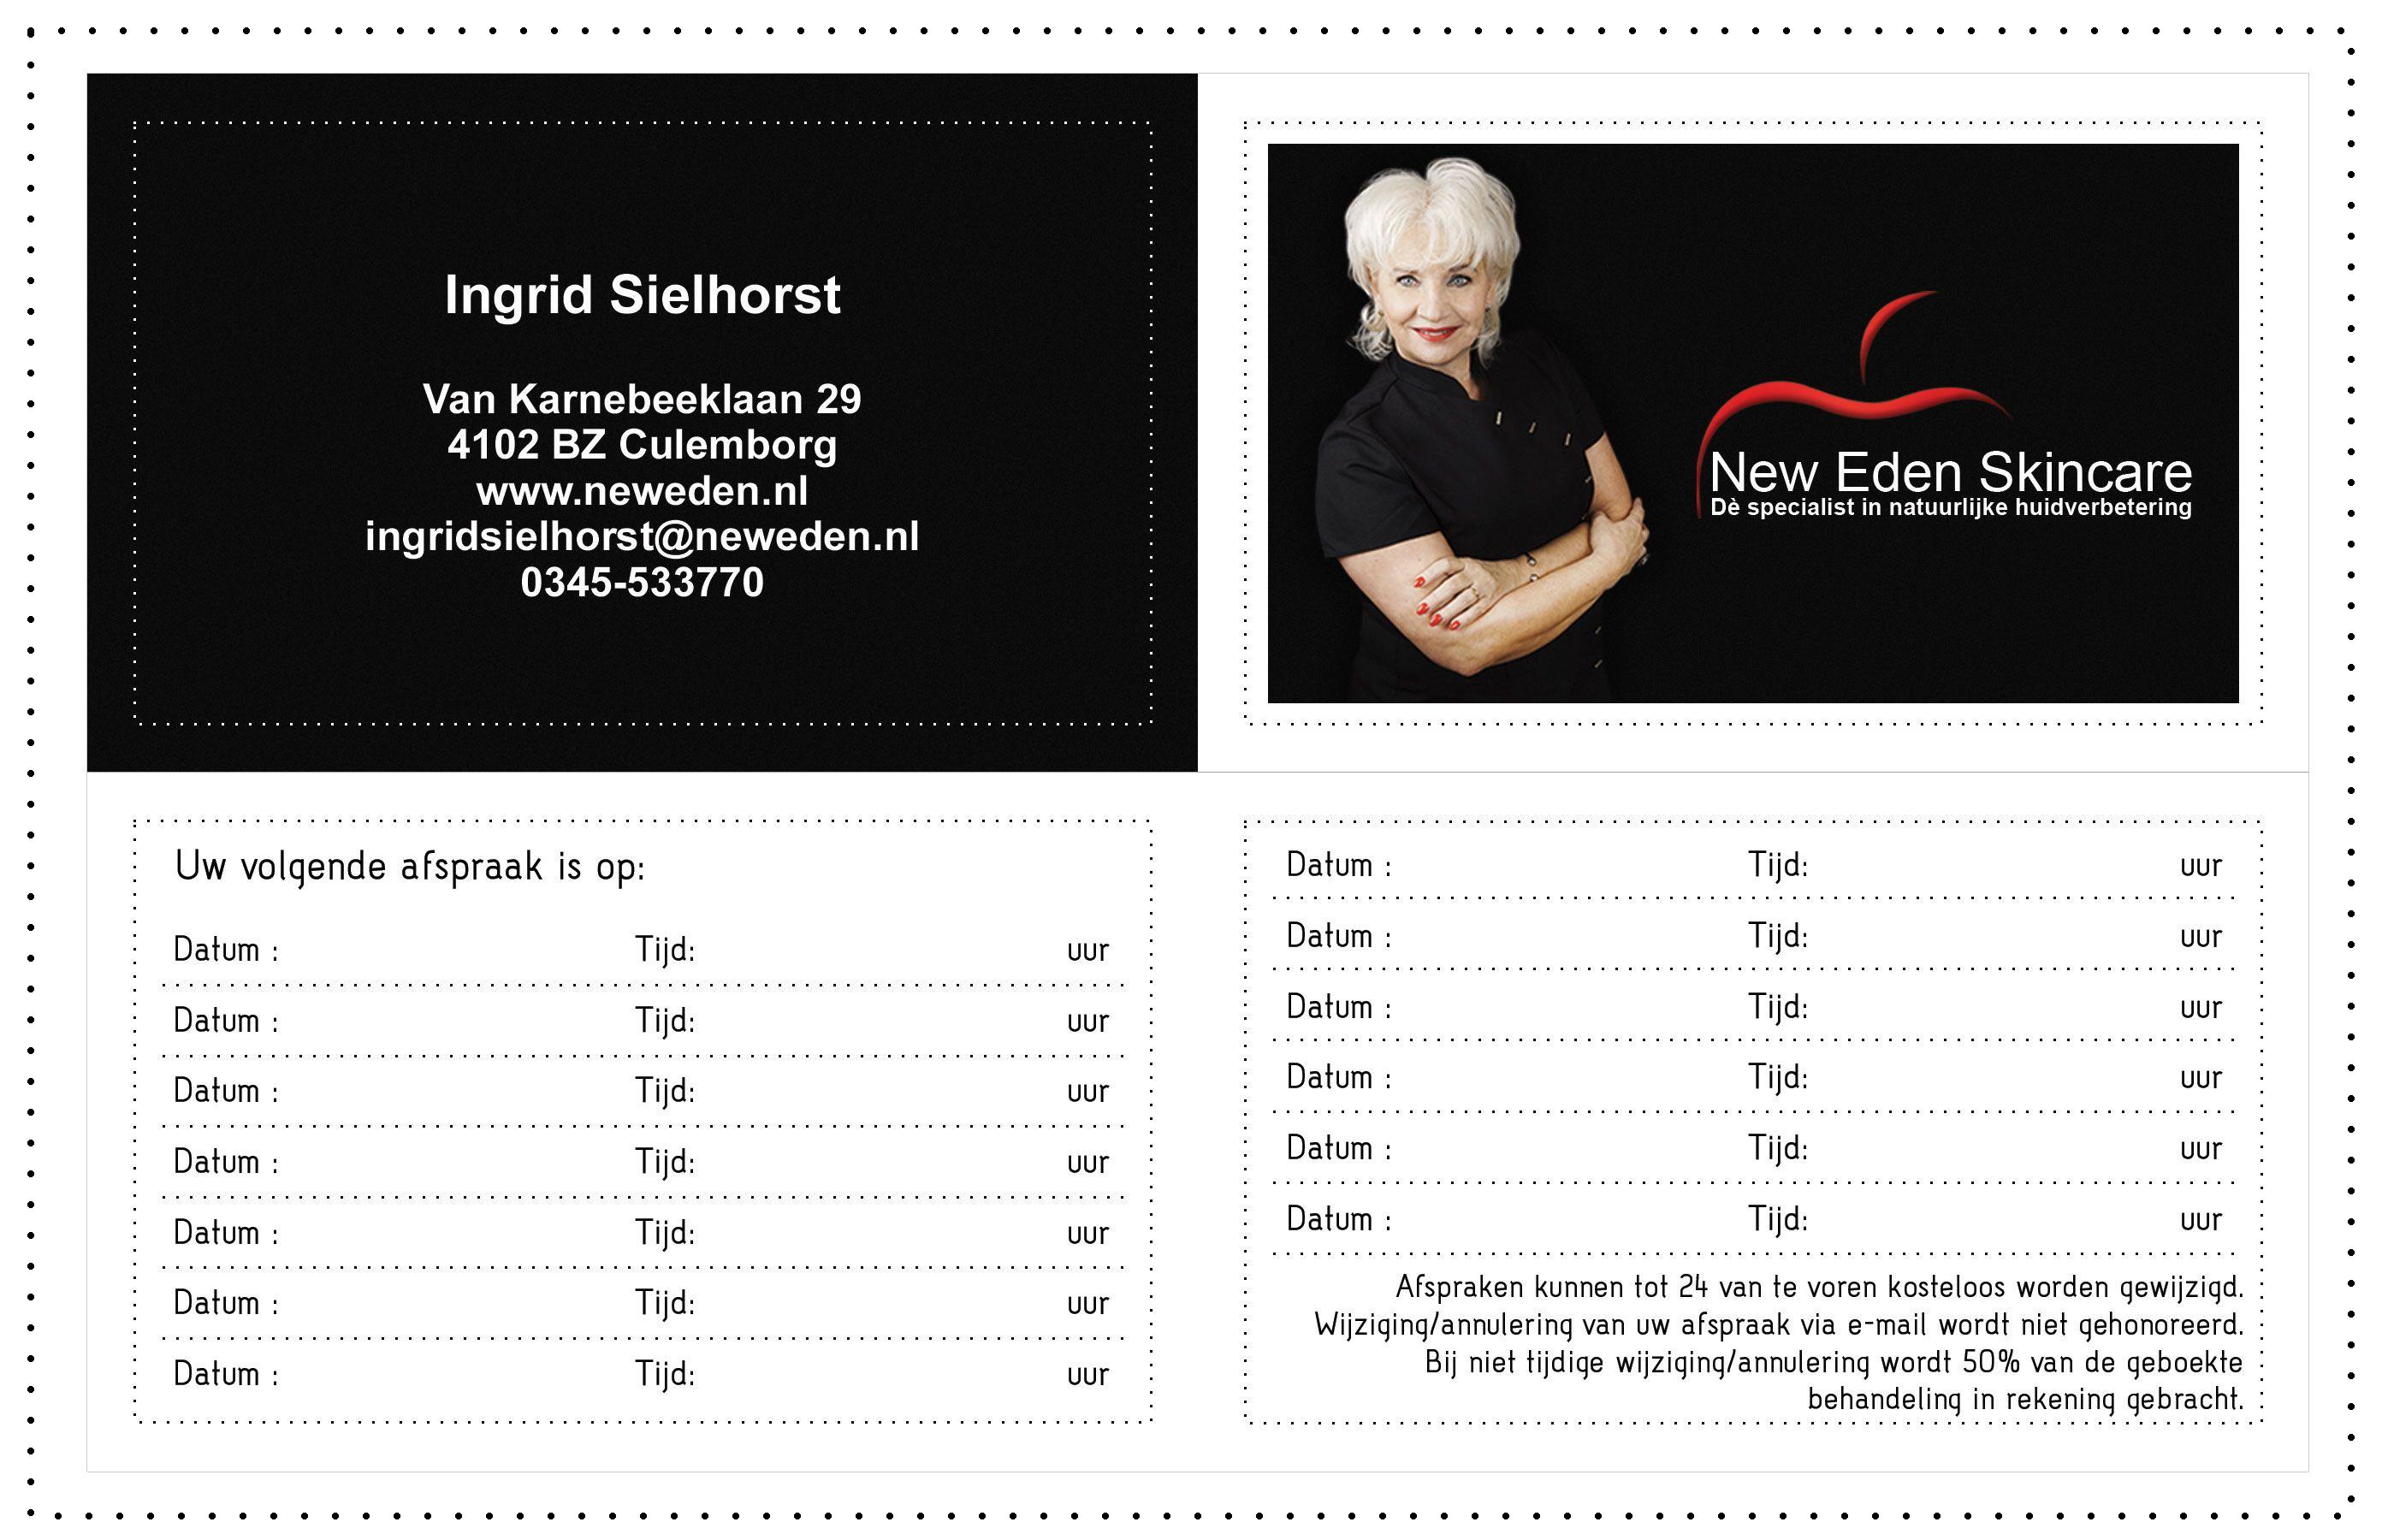 Neweden Business card Design | Gangsta Goddess Designs | Pinterest ...